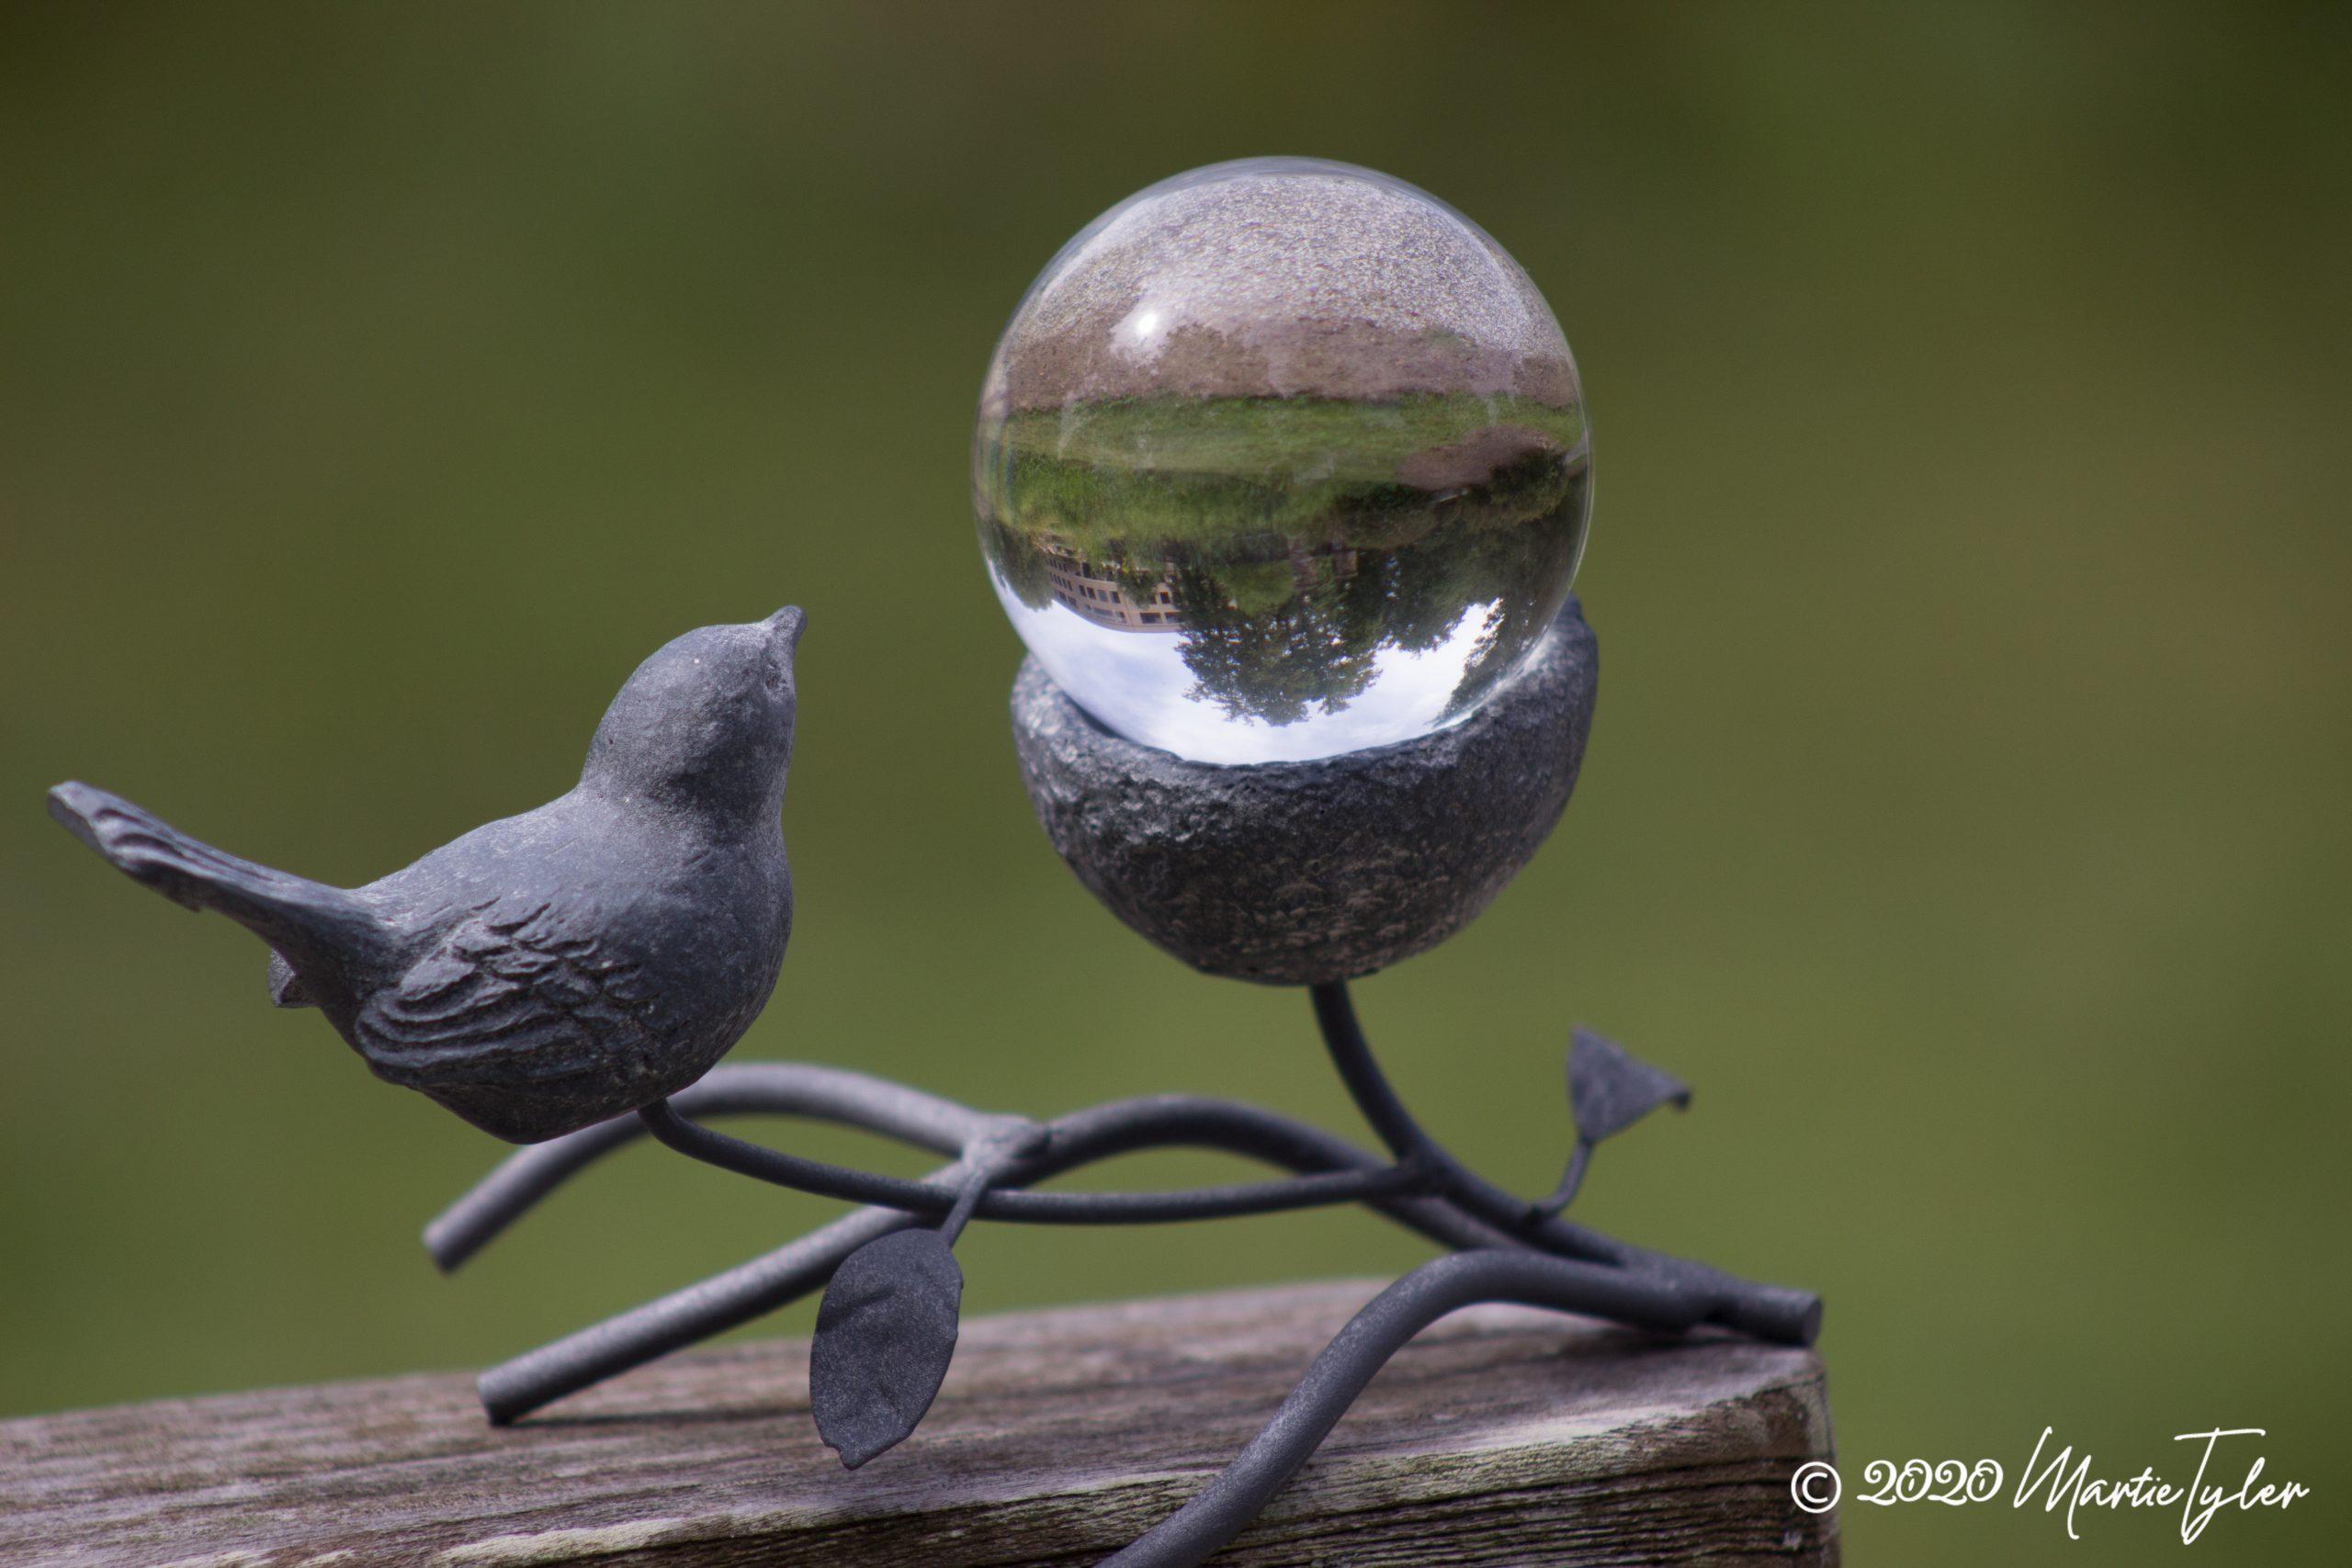 60mm glass ball